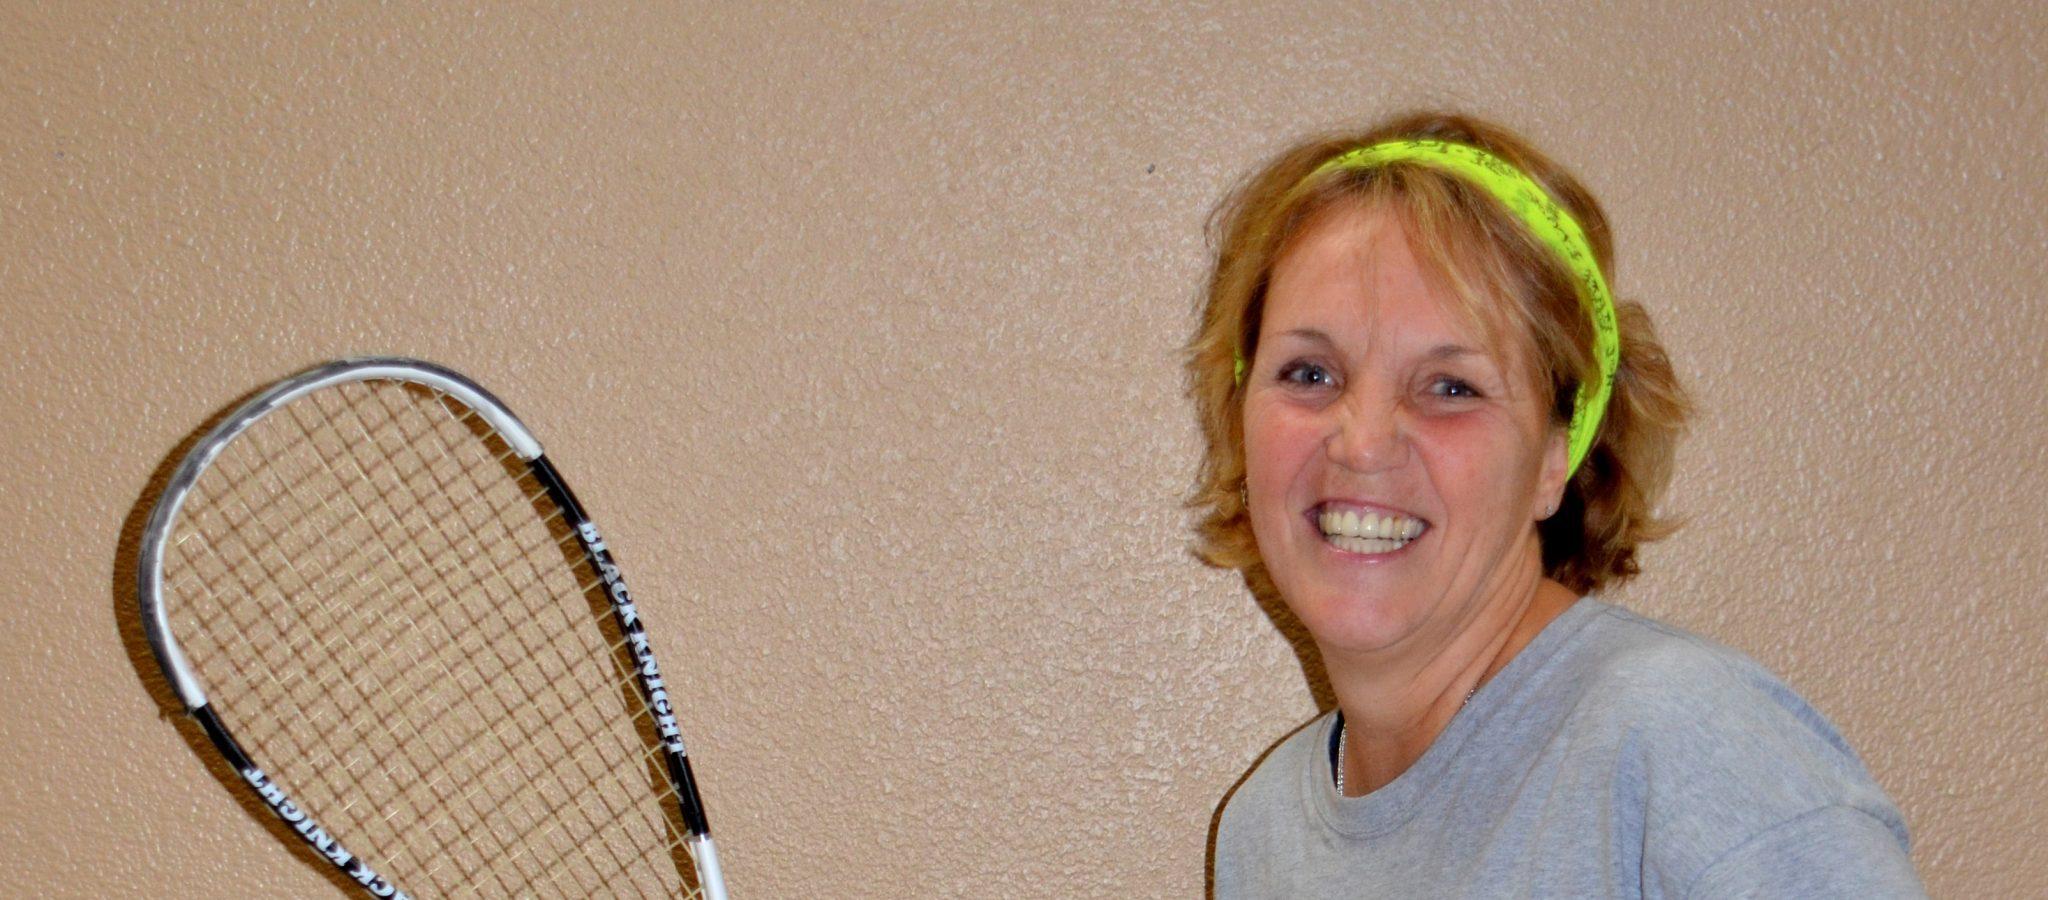 Super active Nancy Schmidt